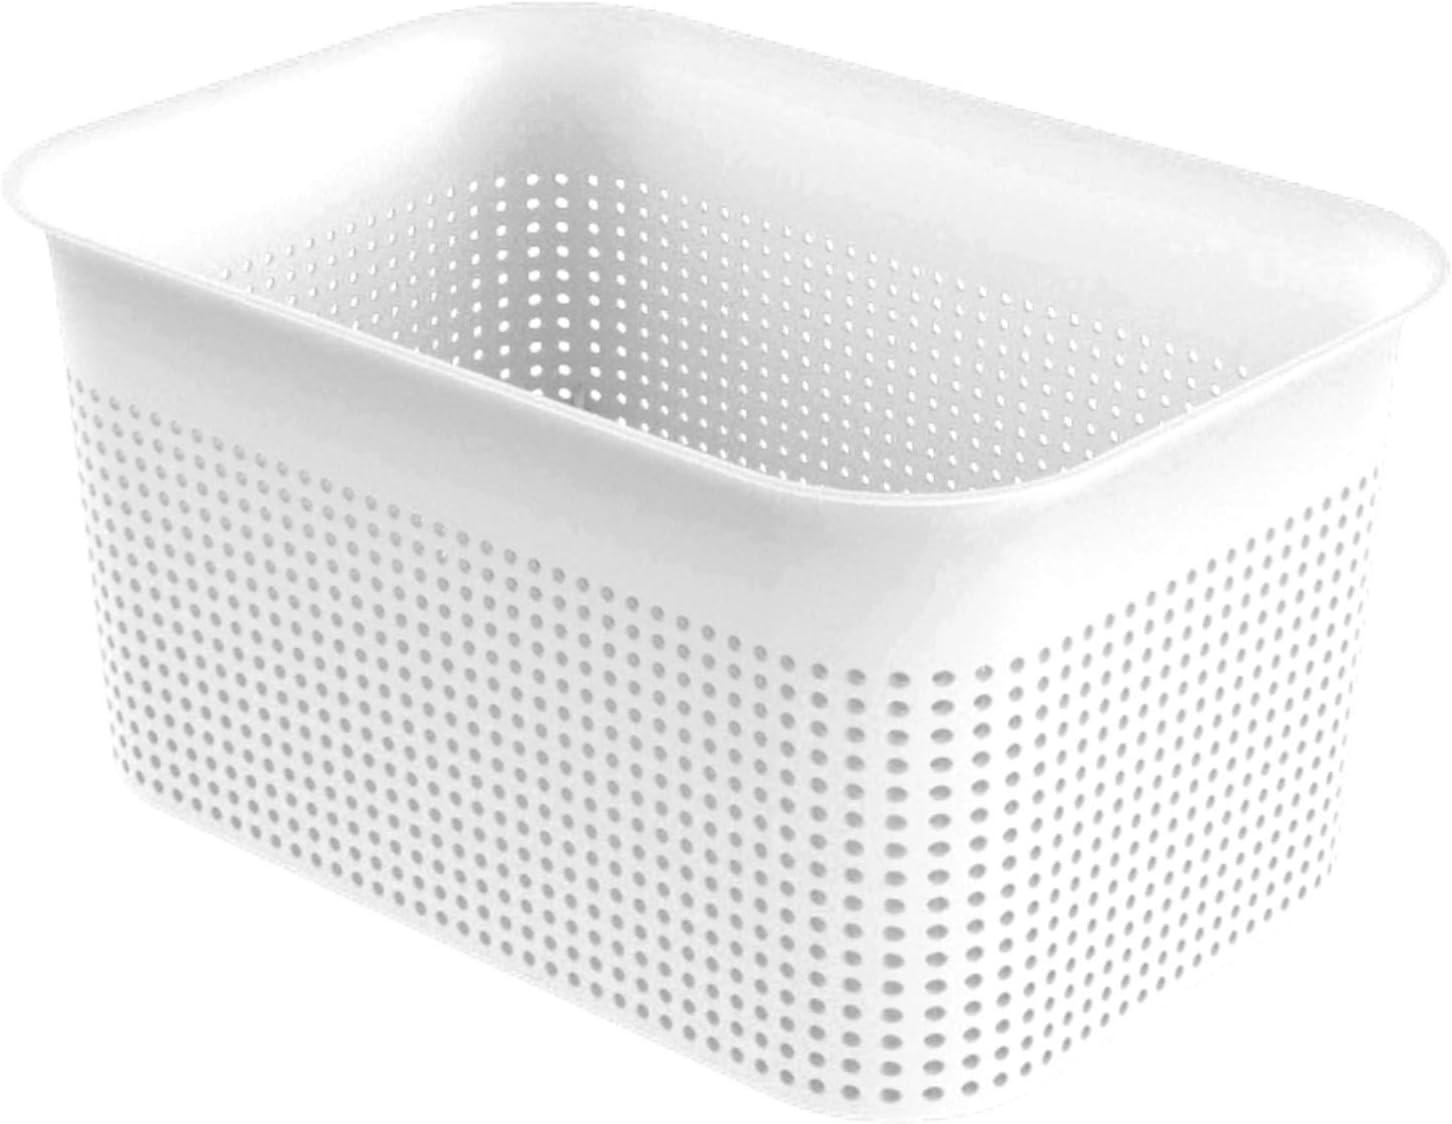 Anthrazit Kunststoff Rotho Brisen Aufbewahrungskorb 4,5 l PP 4,5 Liter 26,2 x 18 x 13 cm